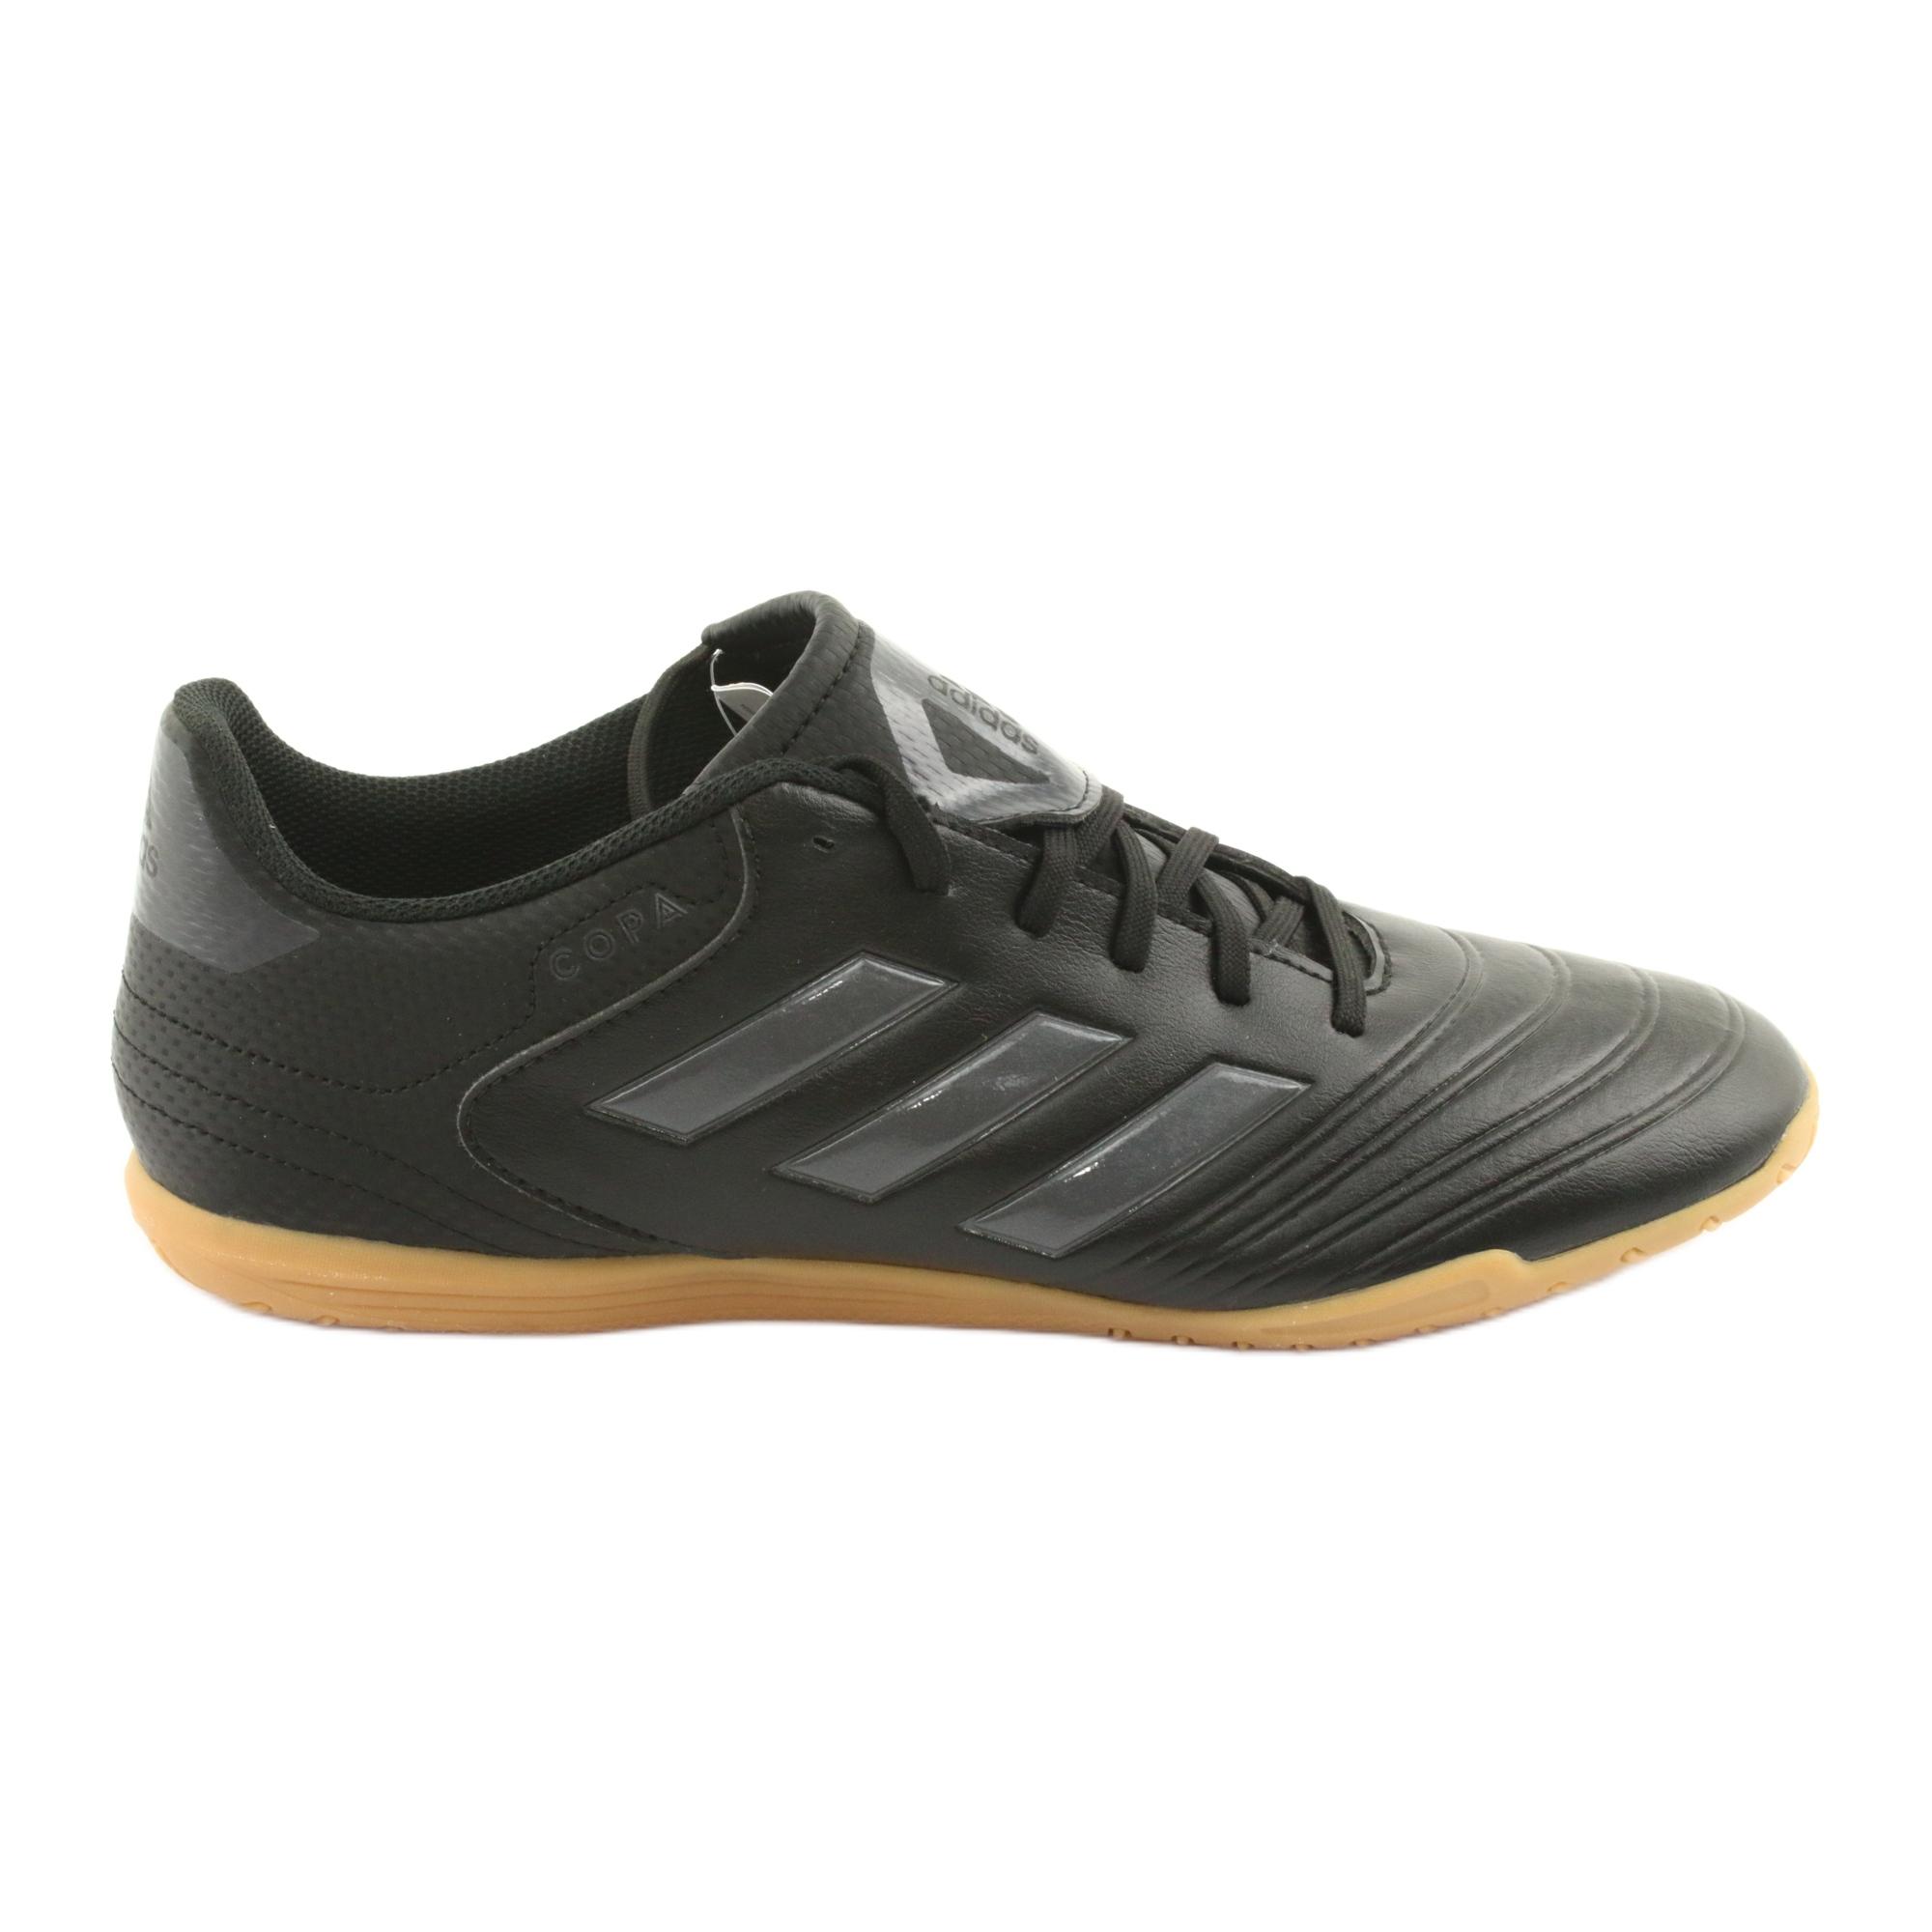 neues Outlet Store Verkauf bester Verkauf Hallenschuhe adidas Copa Tango 18.4 IN